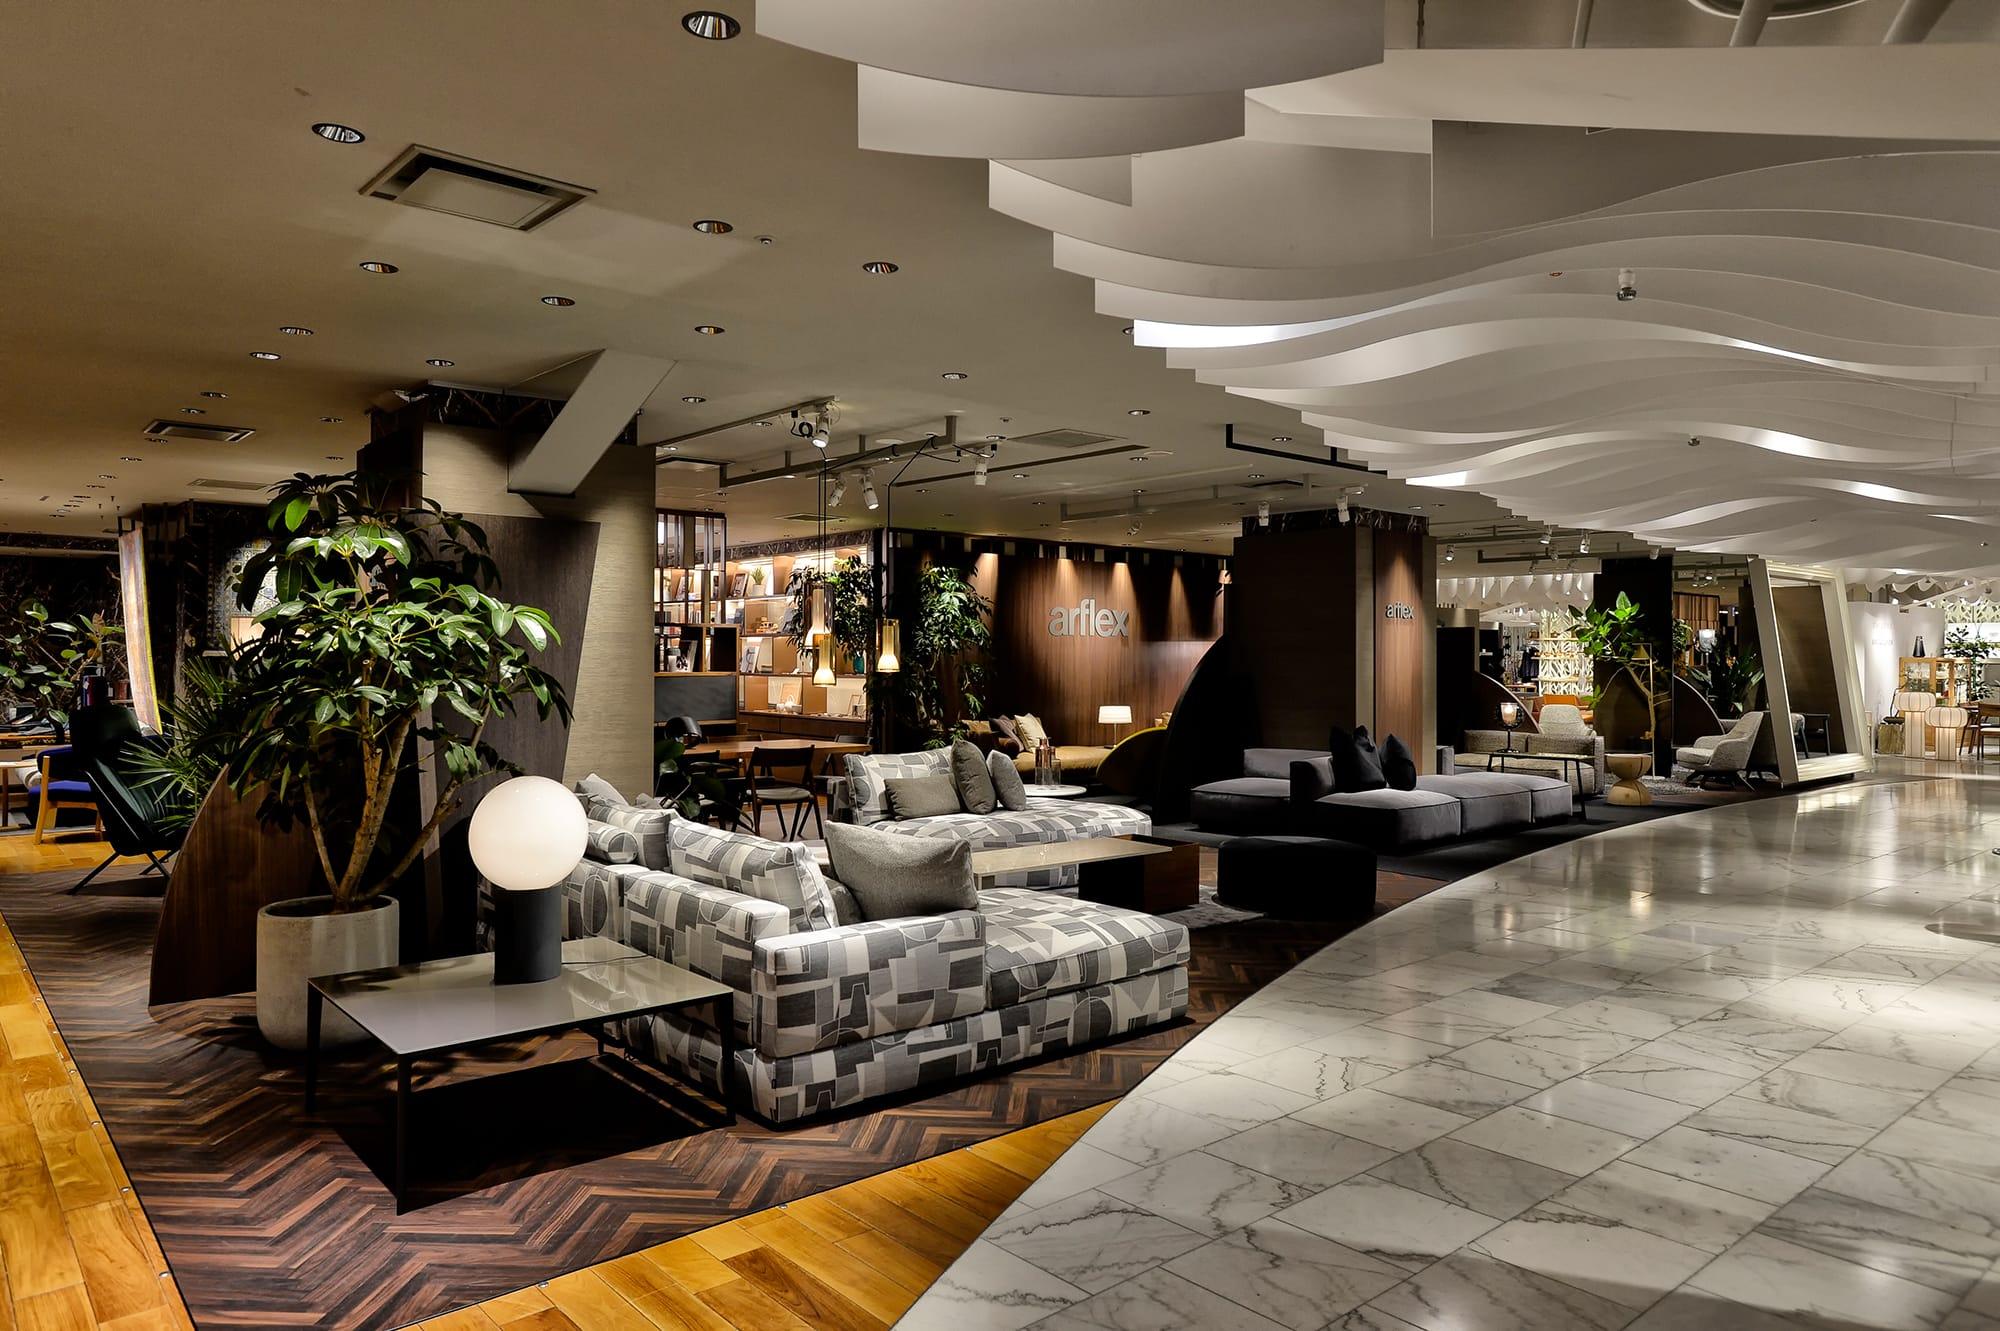 クリエイターズホテル<arflex> Hotel Loungeの展示風景